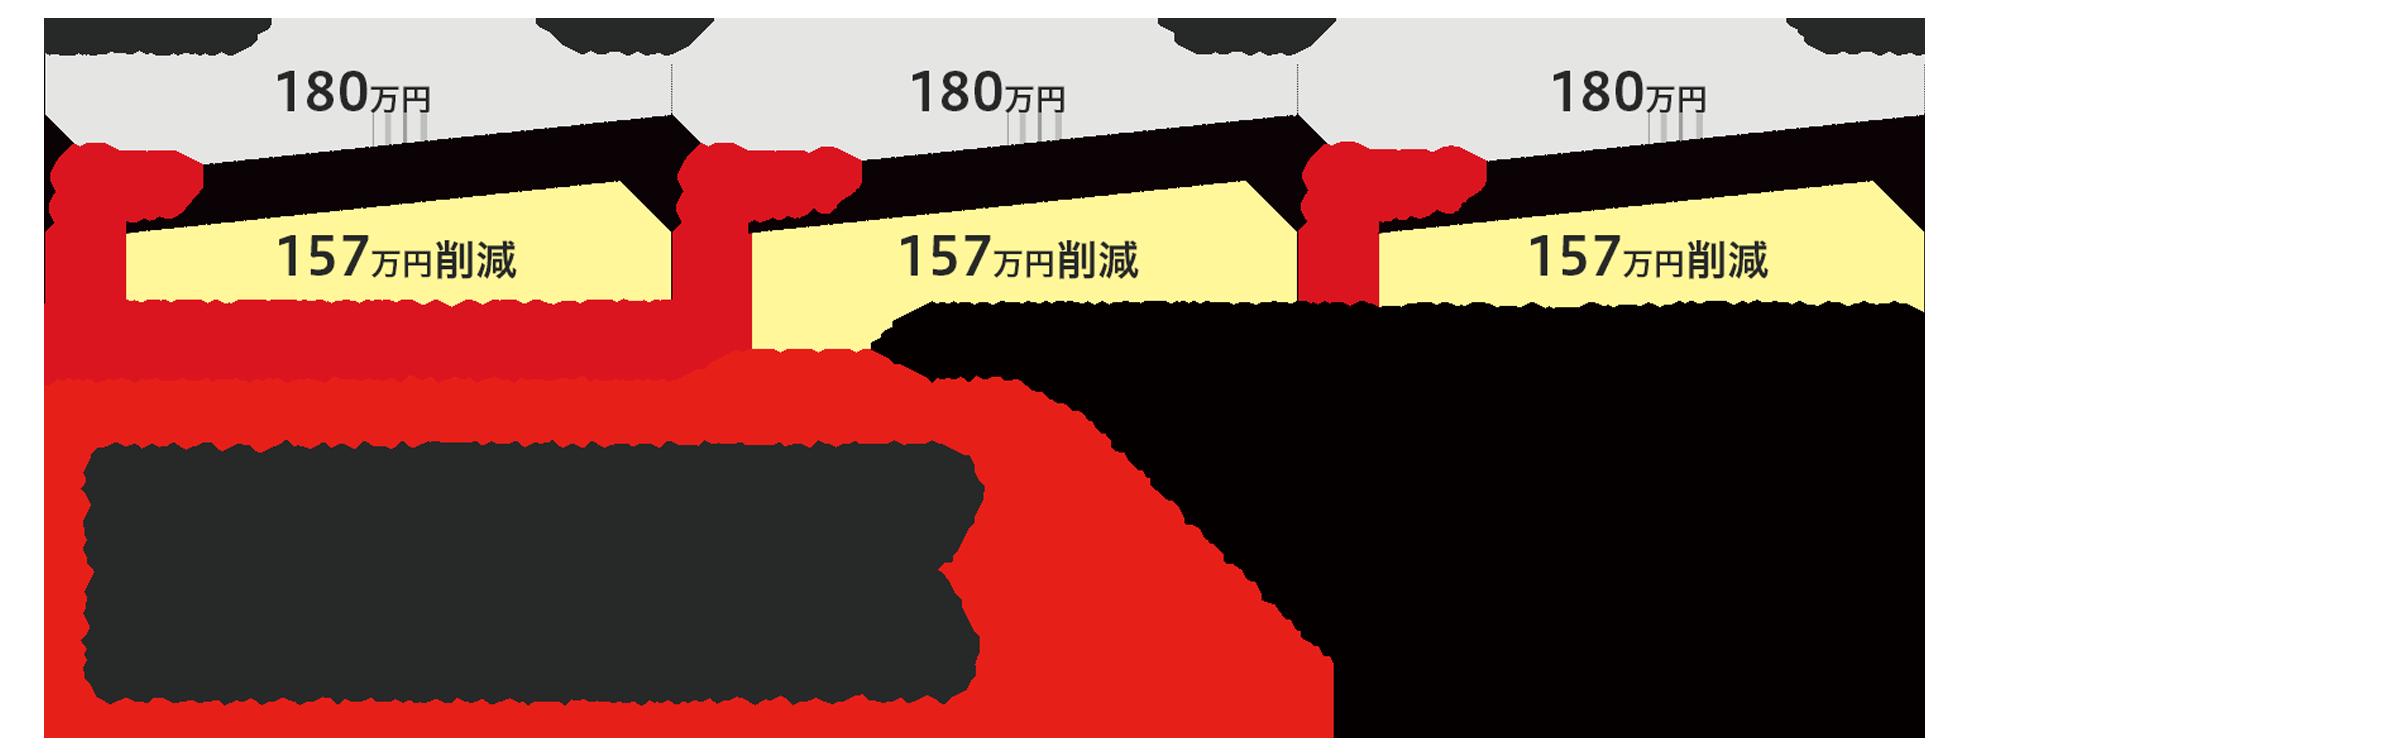 2.1.2.生涯電気代グラフ.png